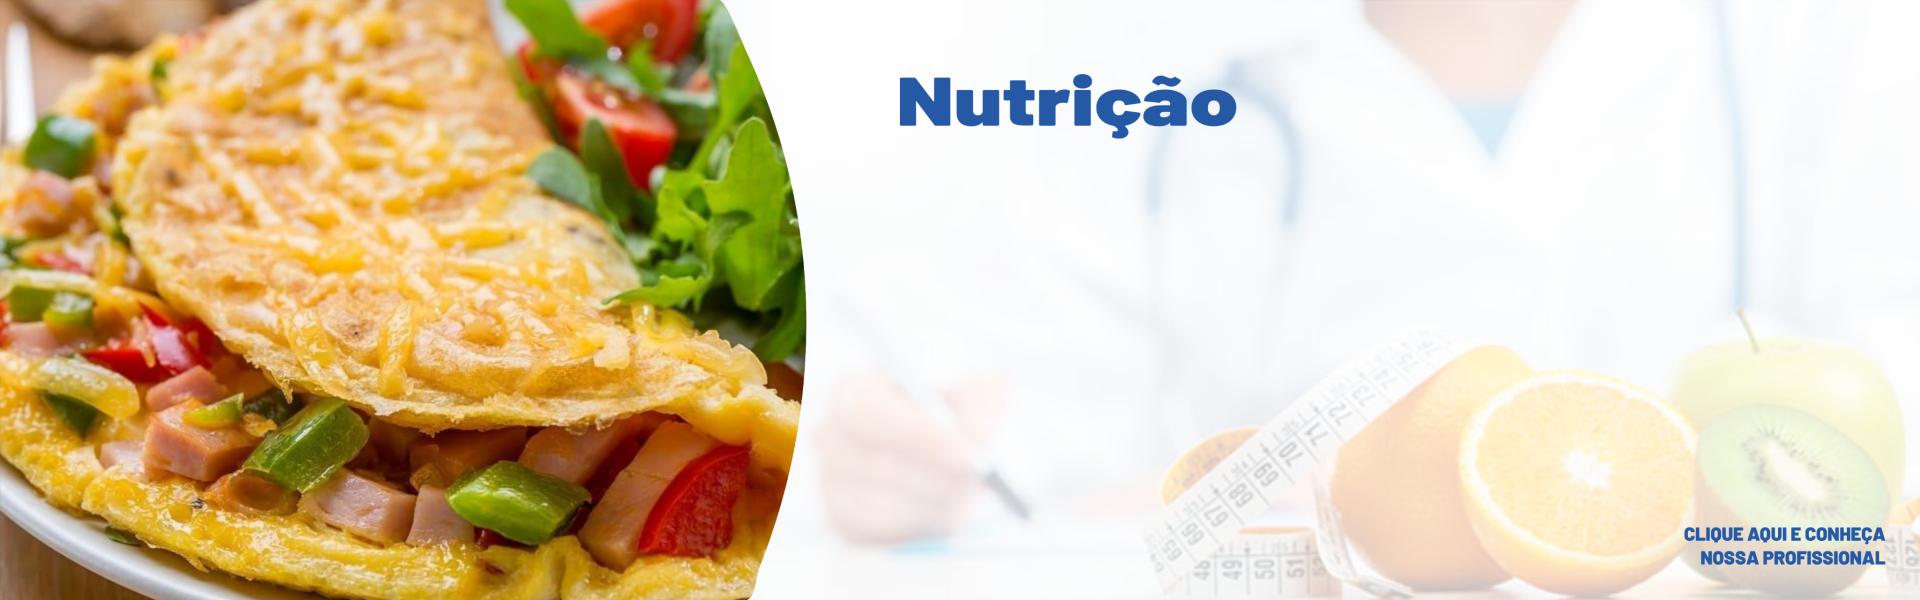 06 - Banner Nutrição